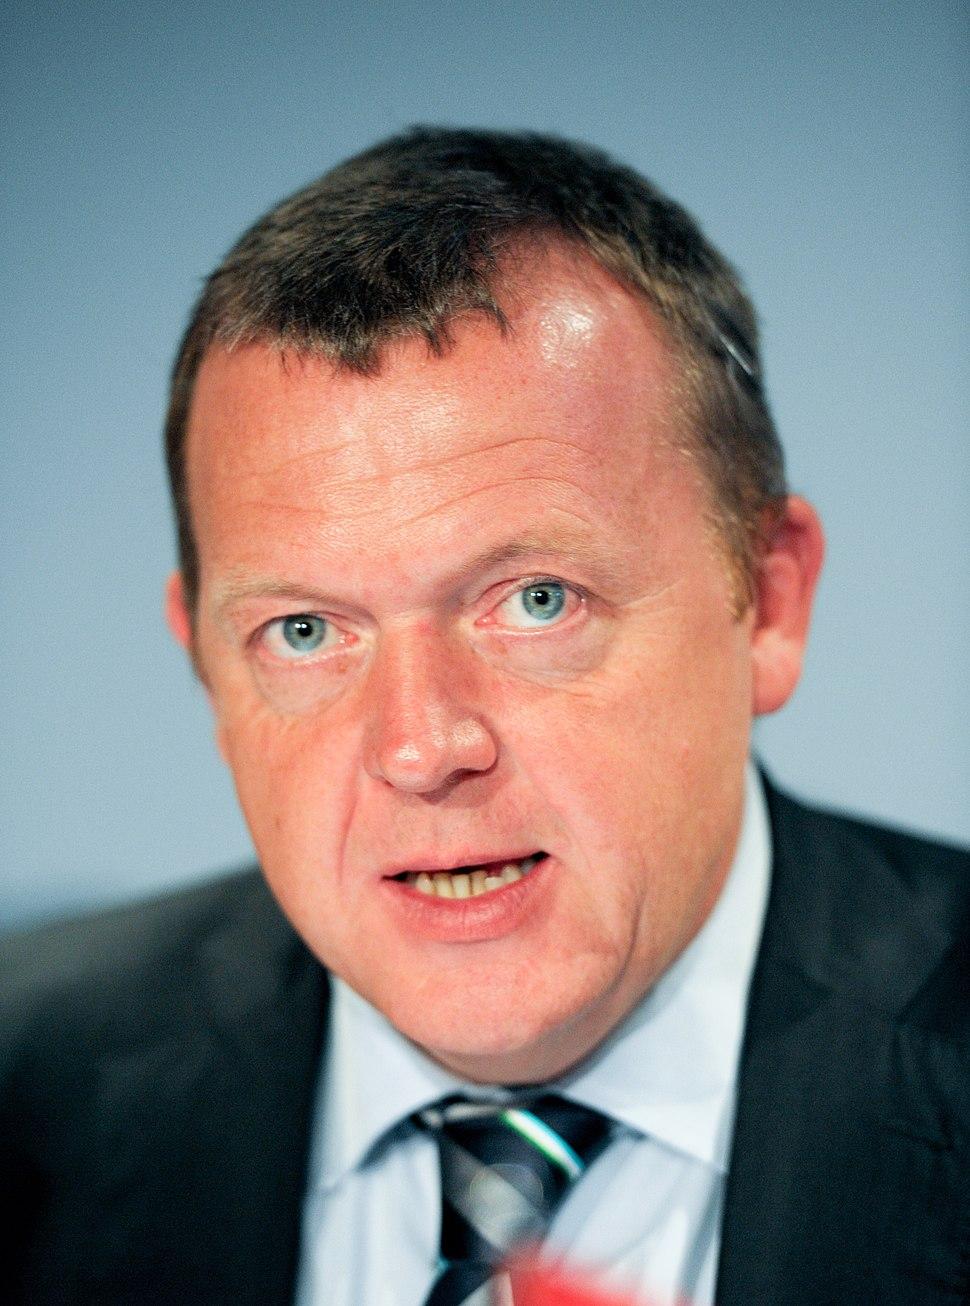 Danmarks statsminister Lars Loekke Rasmussen pa Nordiska radets session i Reykjavik 2010 (1)